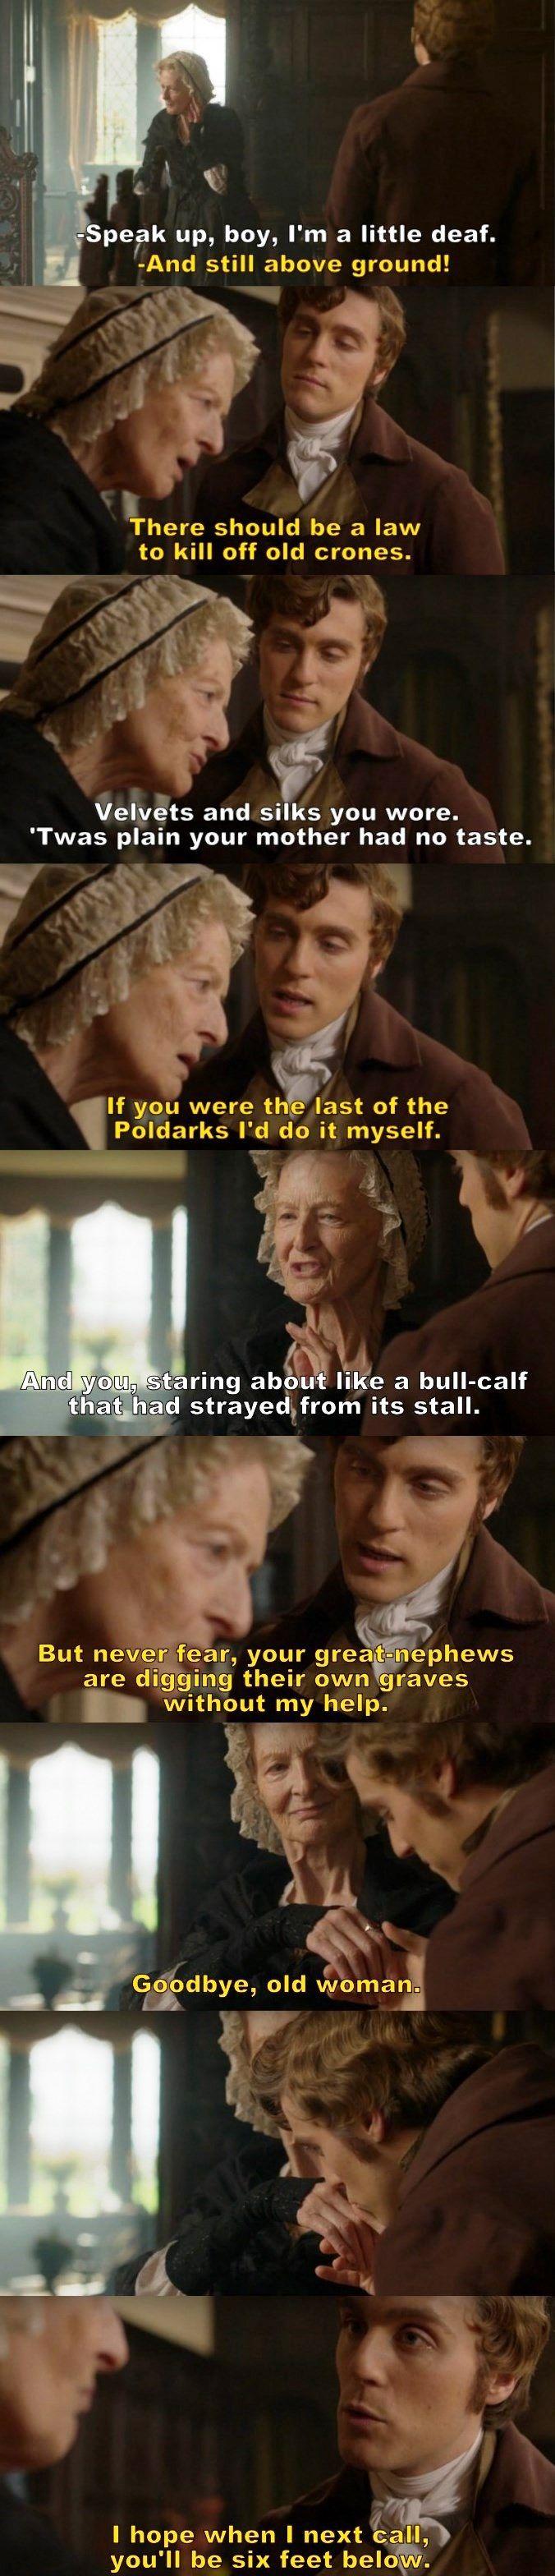 """""""Goodbye, old woman. I hope when I next call, you'll be six feet below"""" - George and Aunt Agatha #Poldark"""